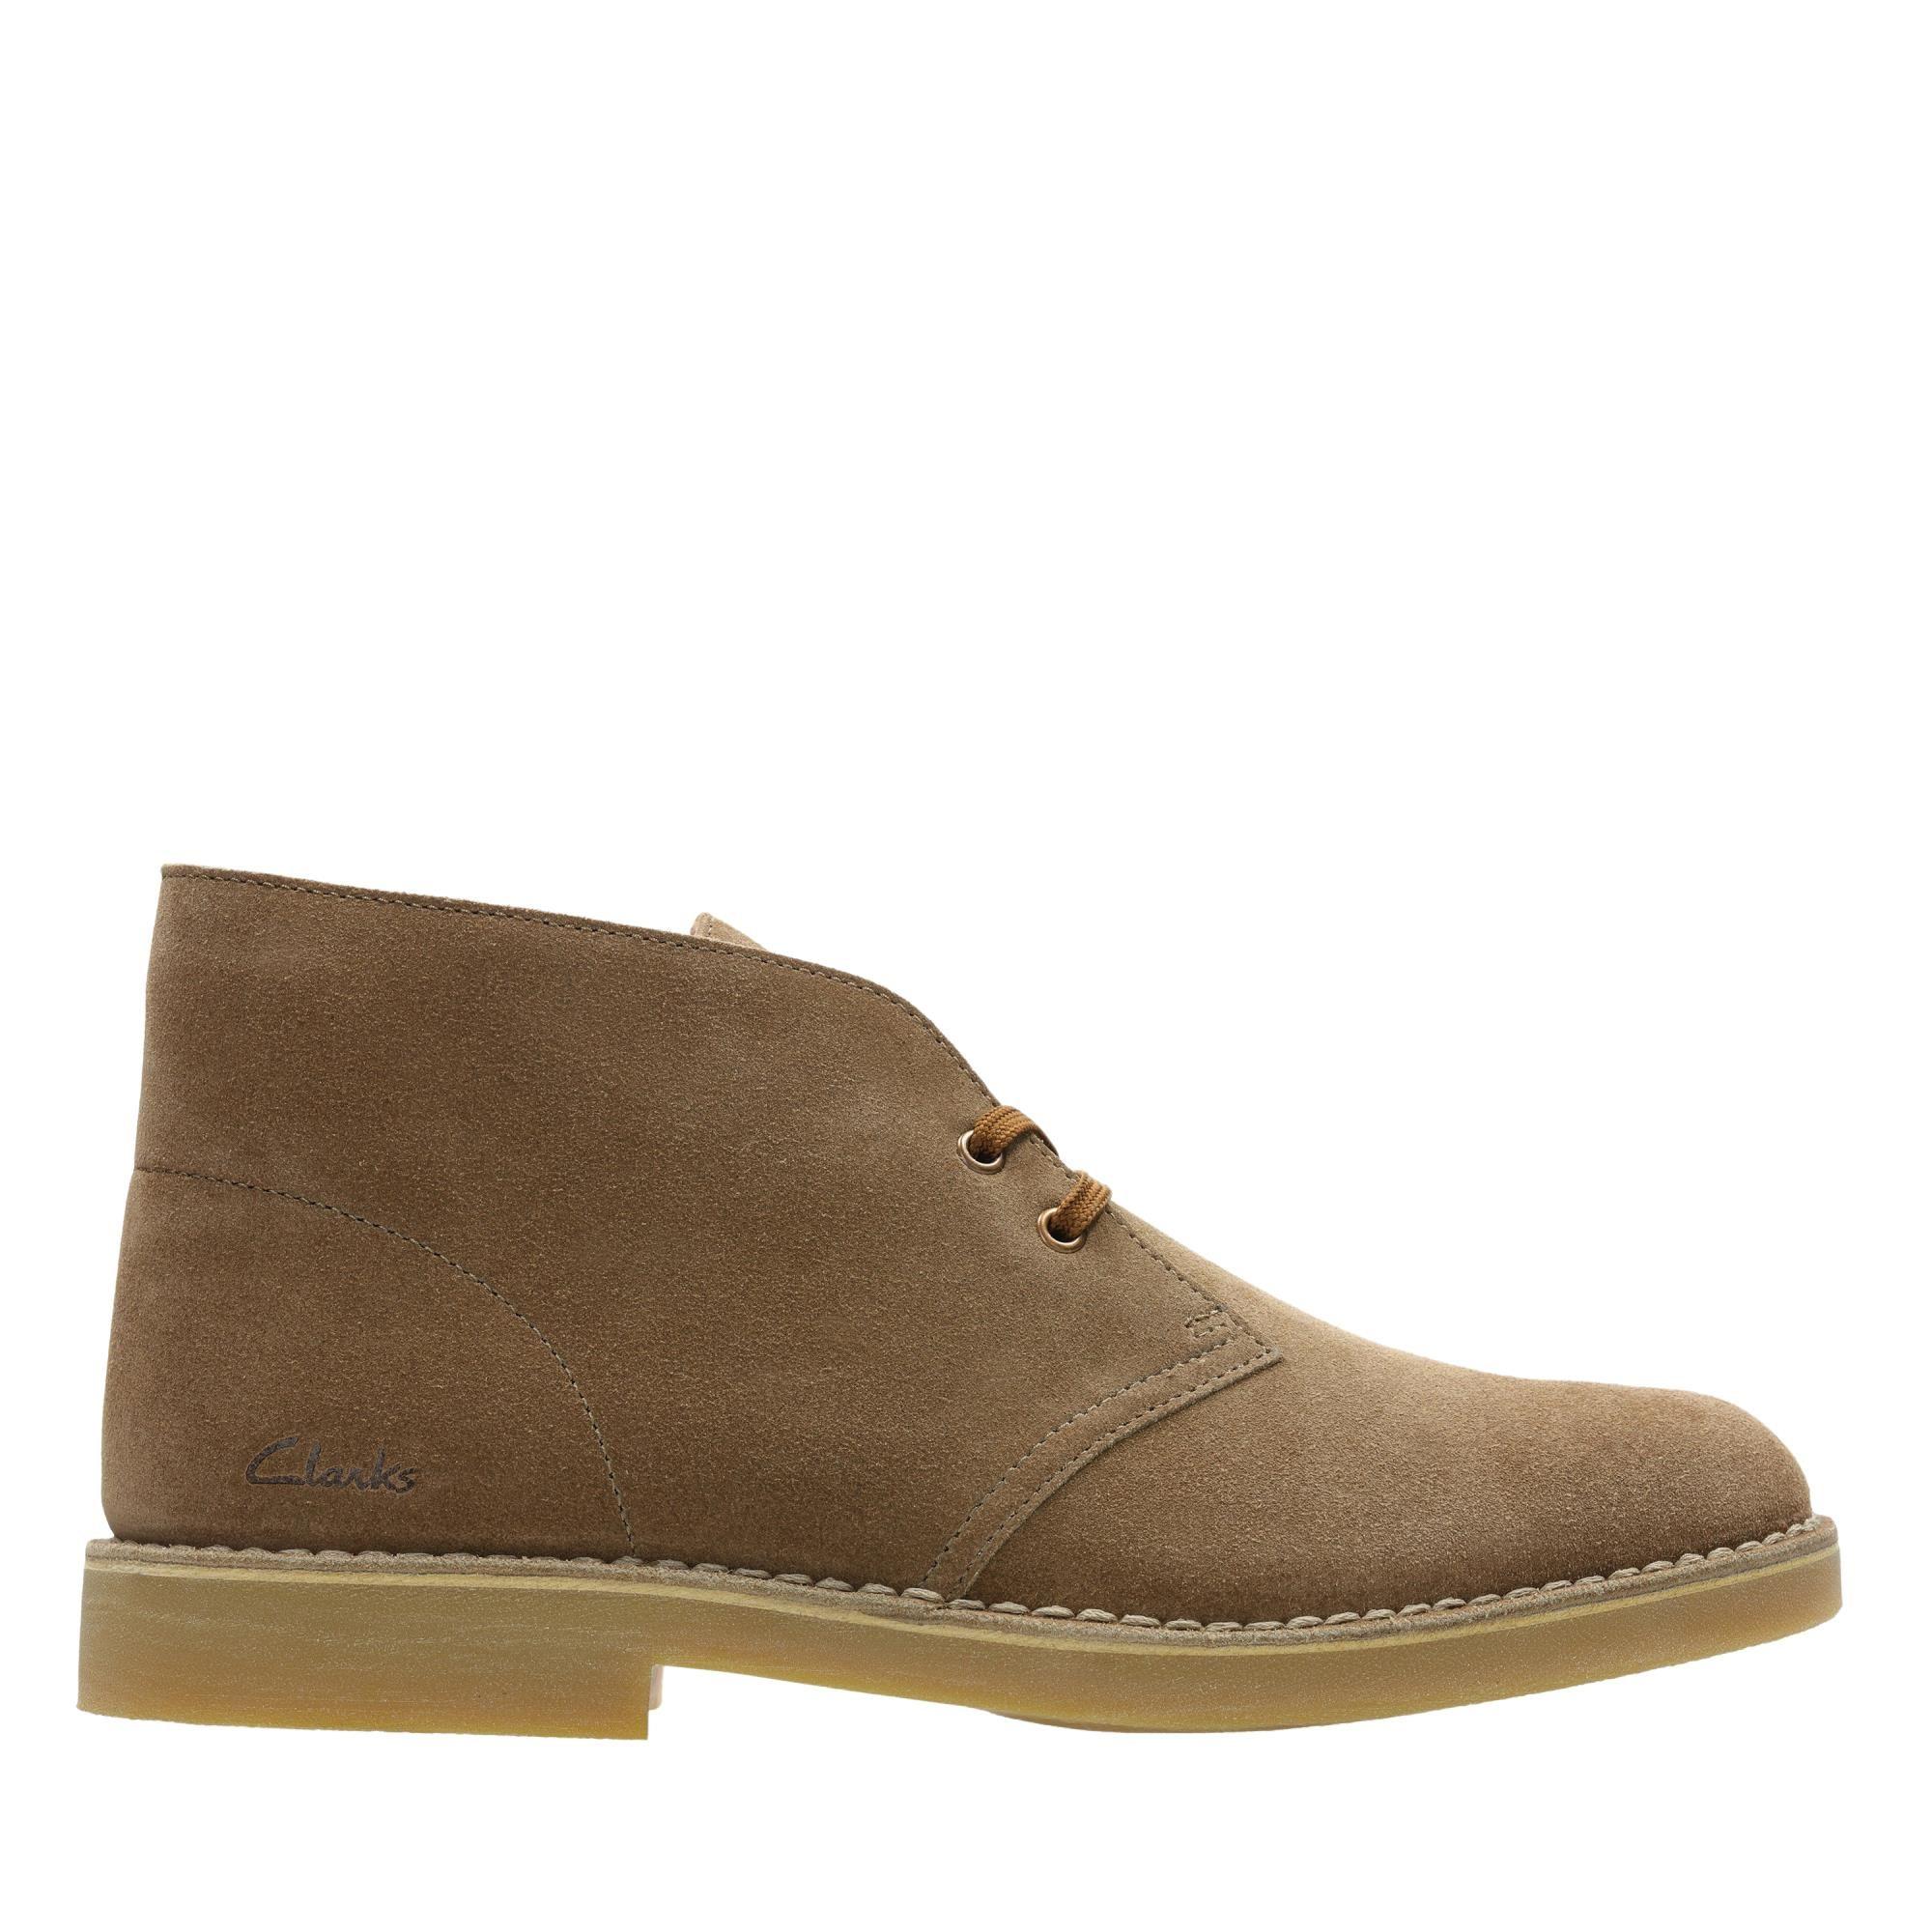 Clarks Desert Boot 2 26156375 Cognac Suede